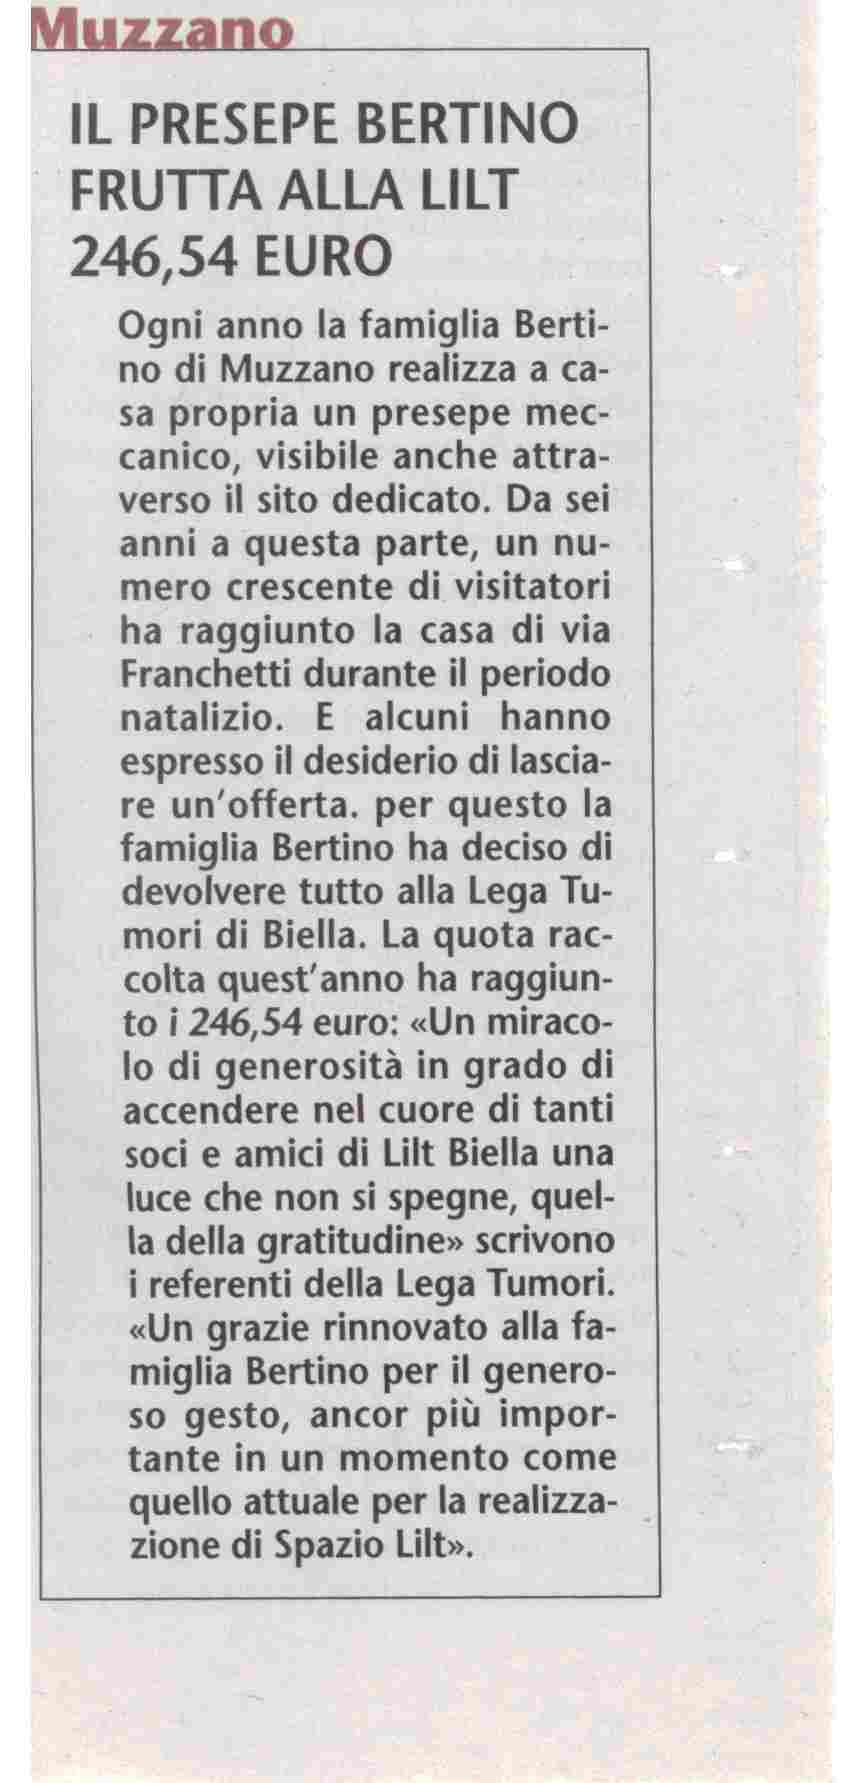 Il presepe Bertino frutta alla Lilt 246,54 Euro